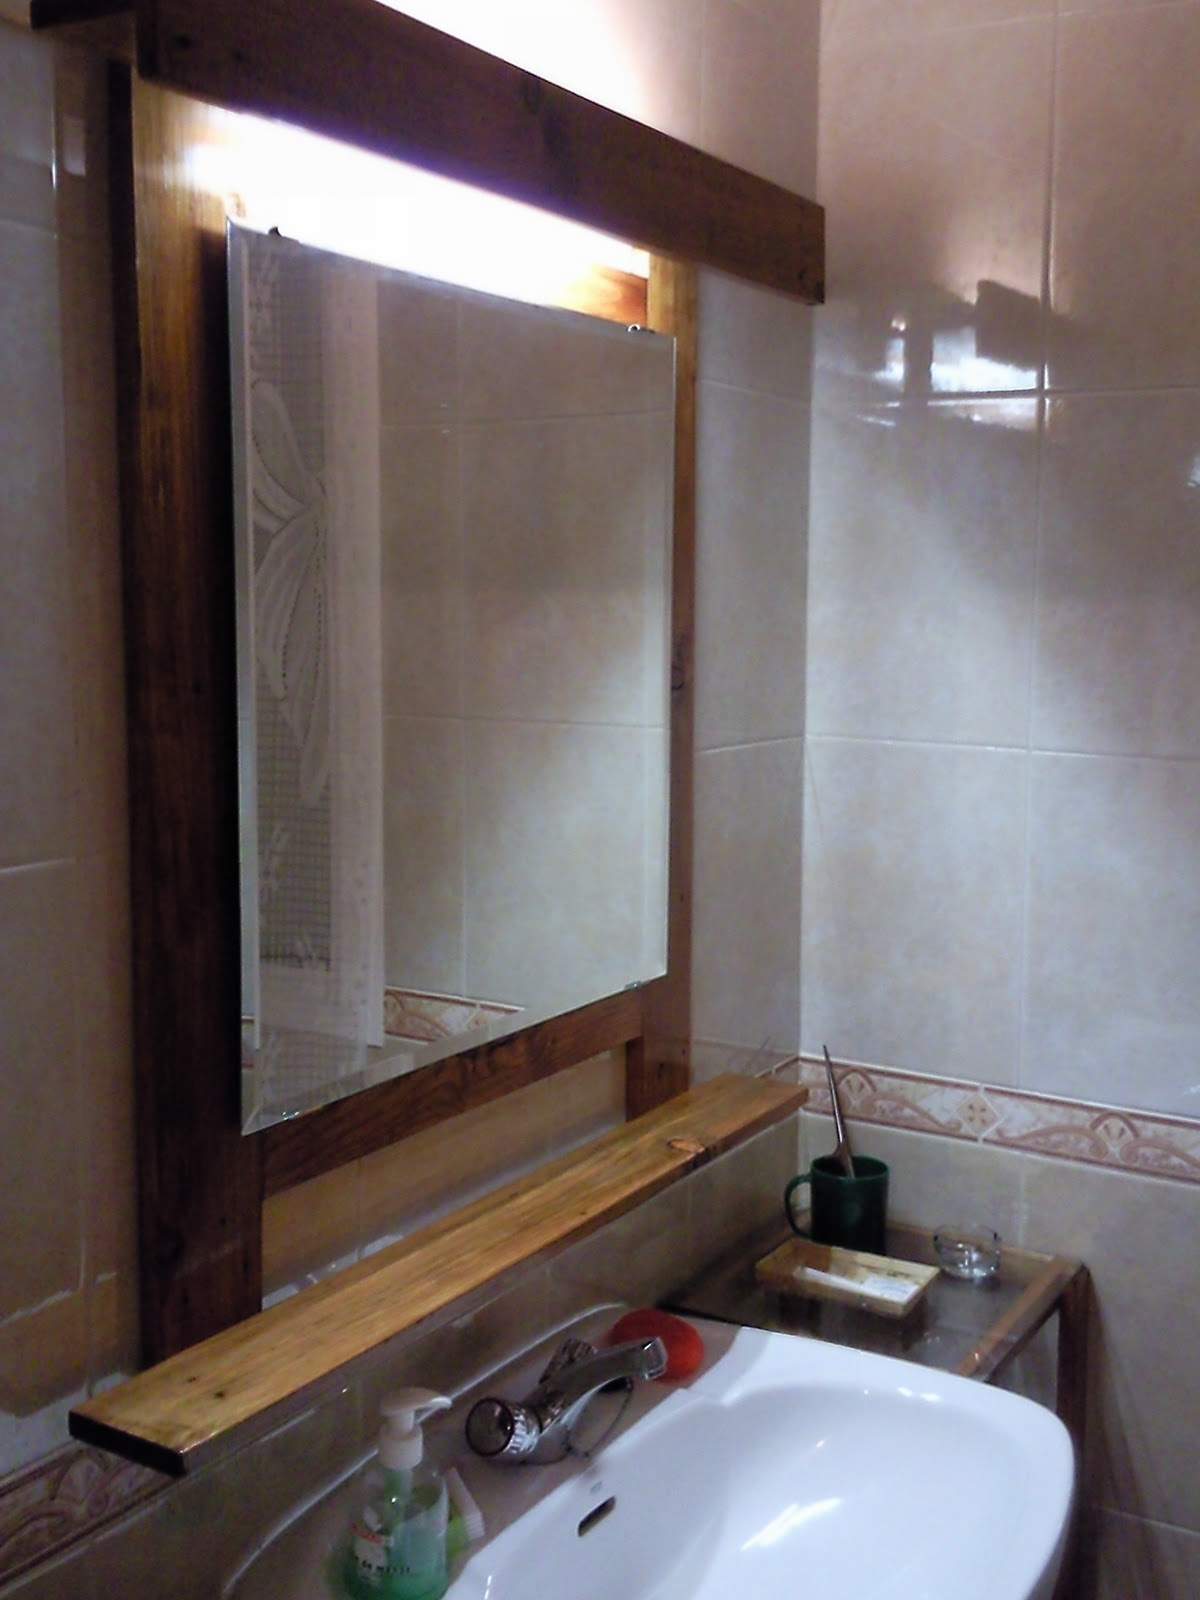 Botiquin Para Baño Paso A Paso:Muebles Espejo Baño : CREAR, RESTAURAR Y RECICLAR: ESPEJO MUEBLE BAÃ